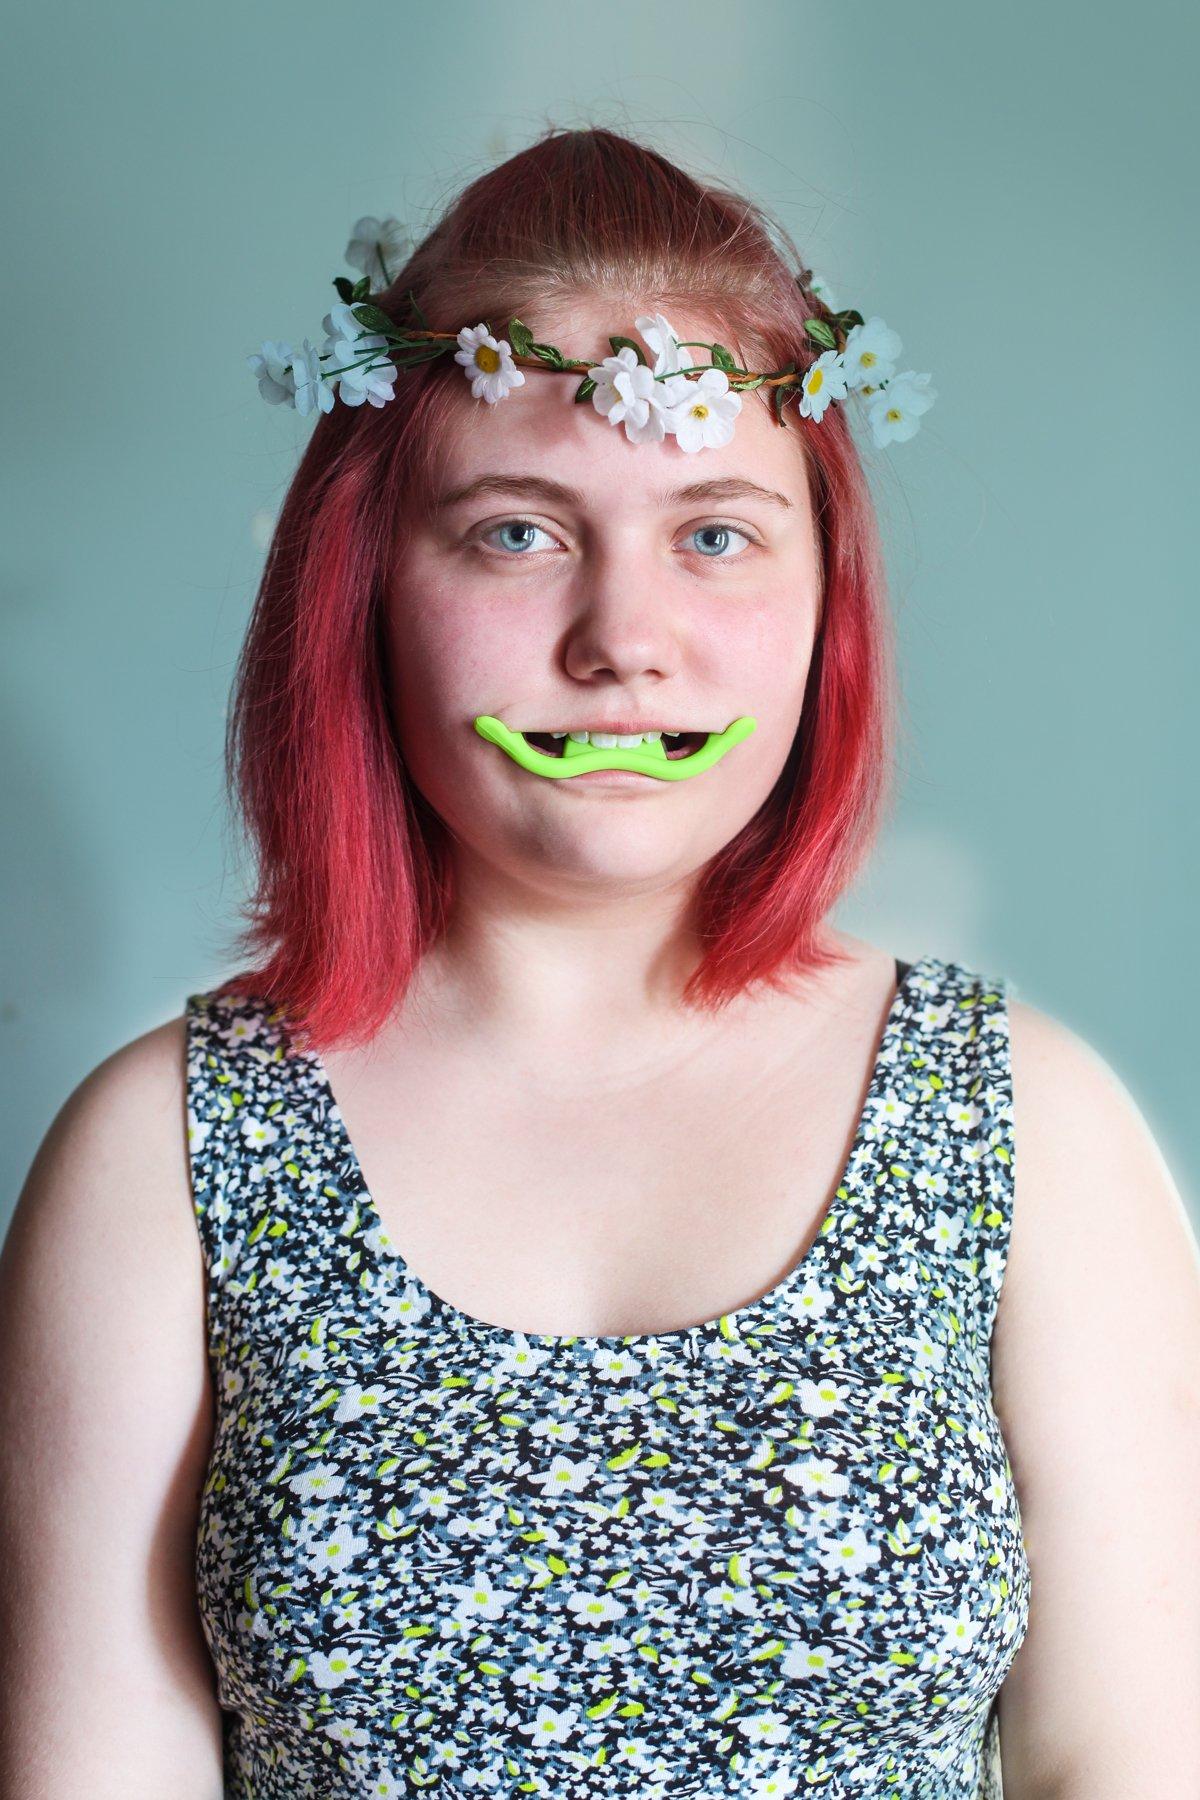 Приспособление под названием Happy Face Trainer вставляется в рот и интенсивно прикусывается в течен